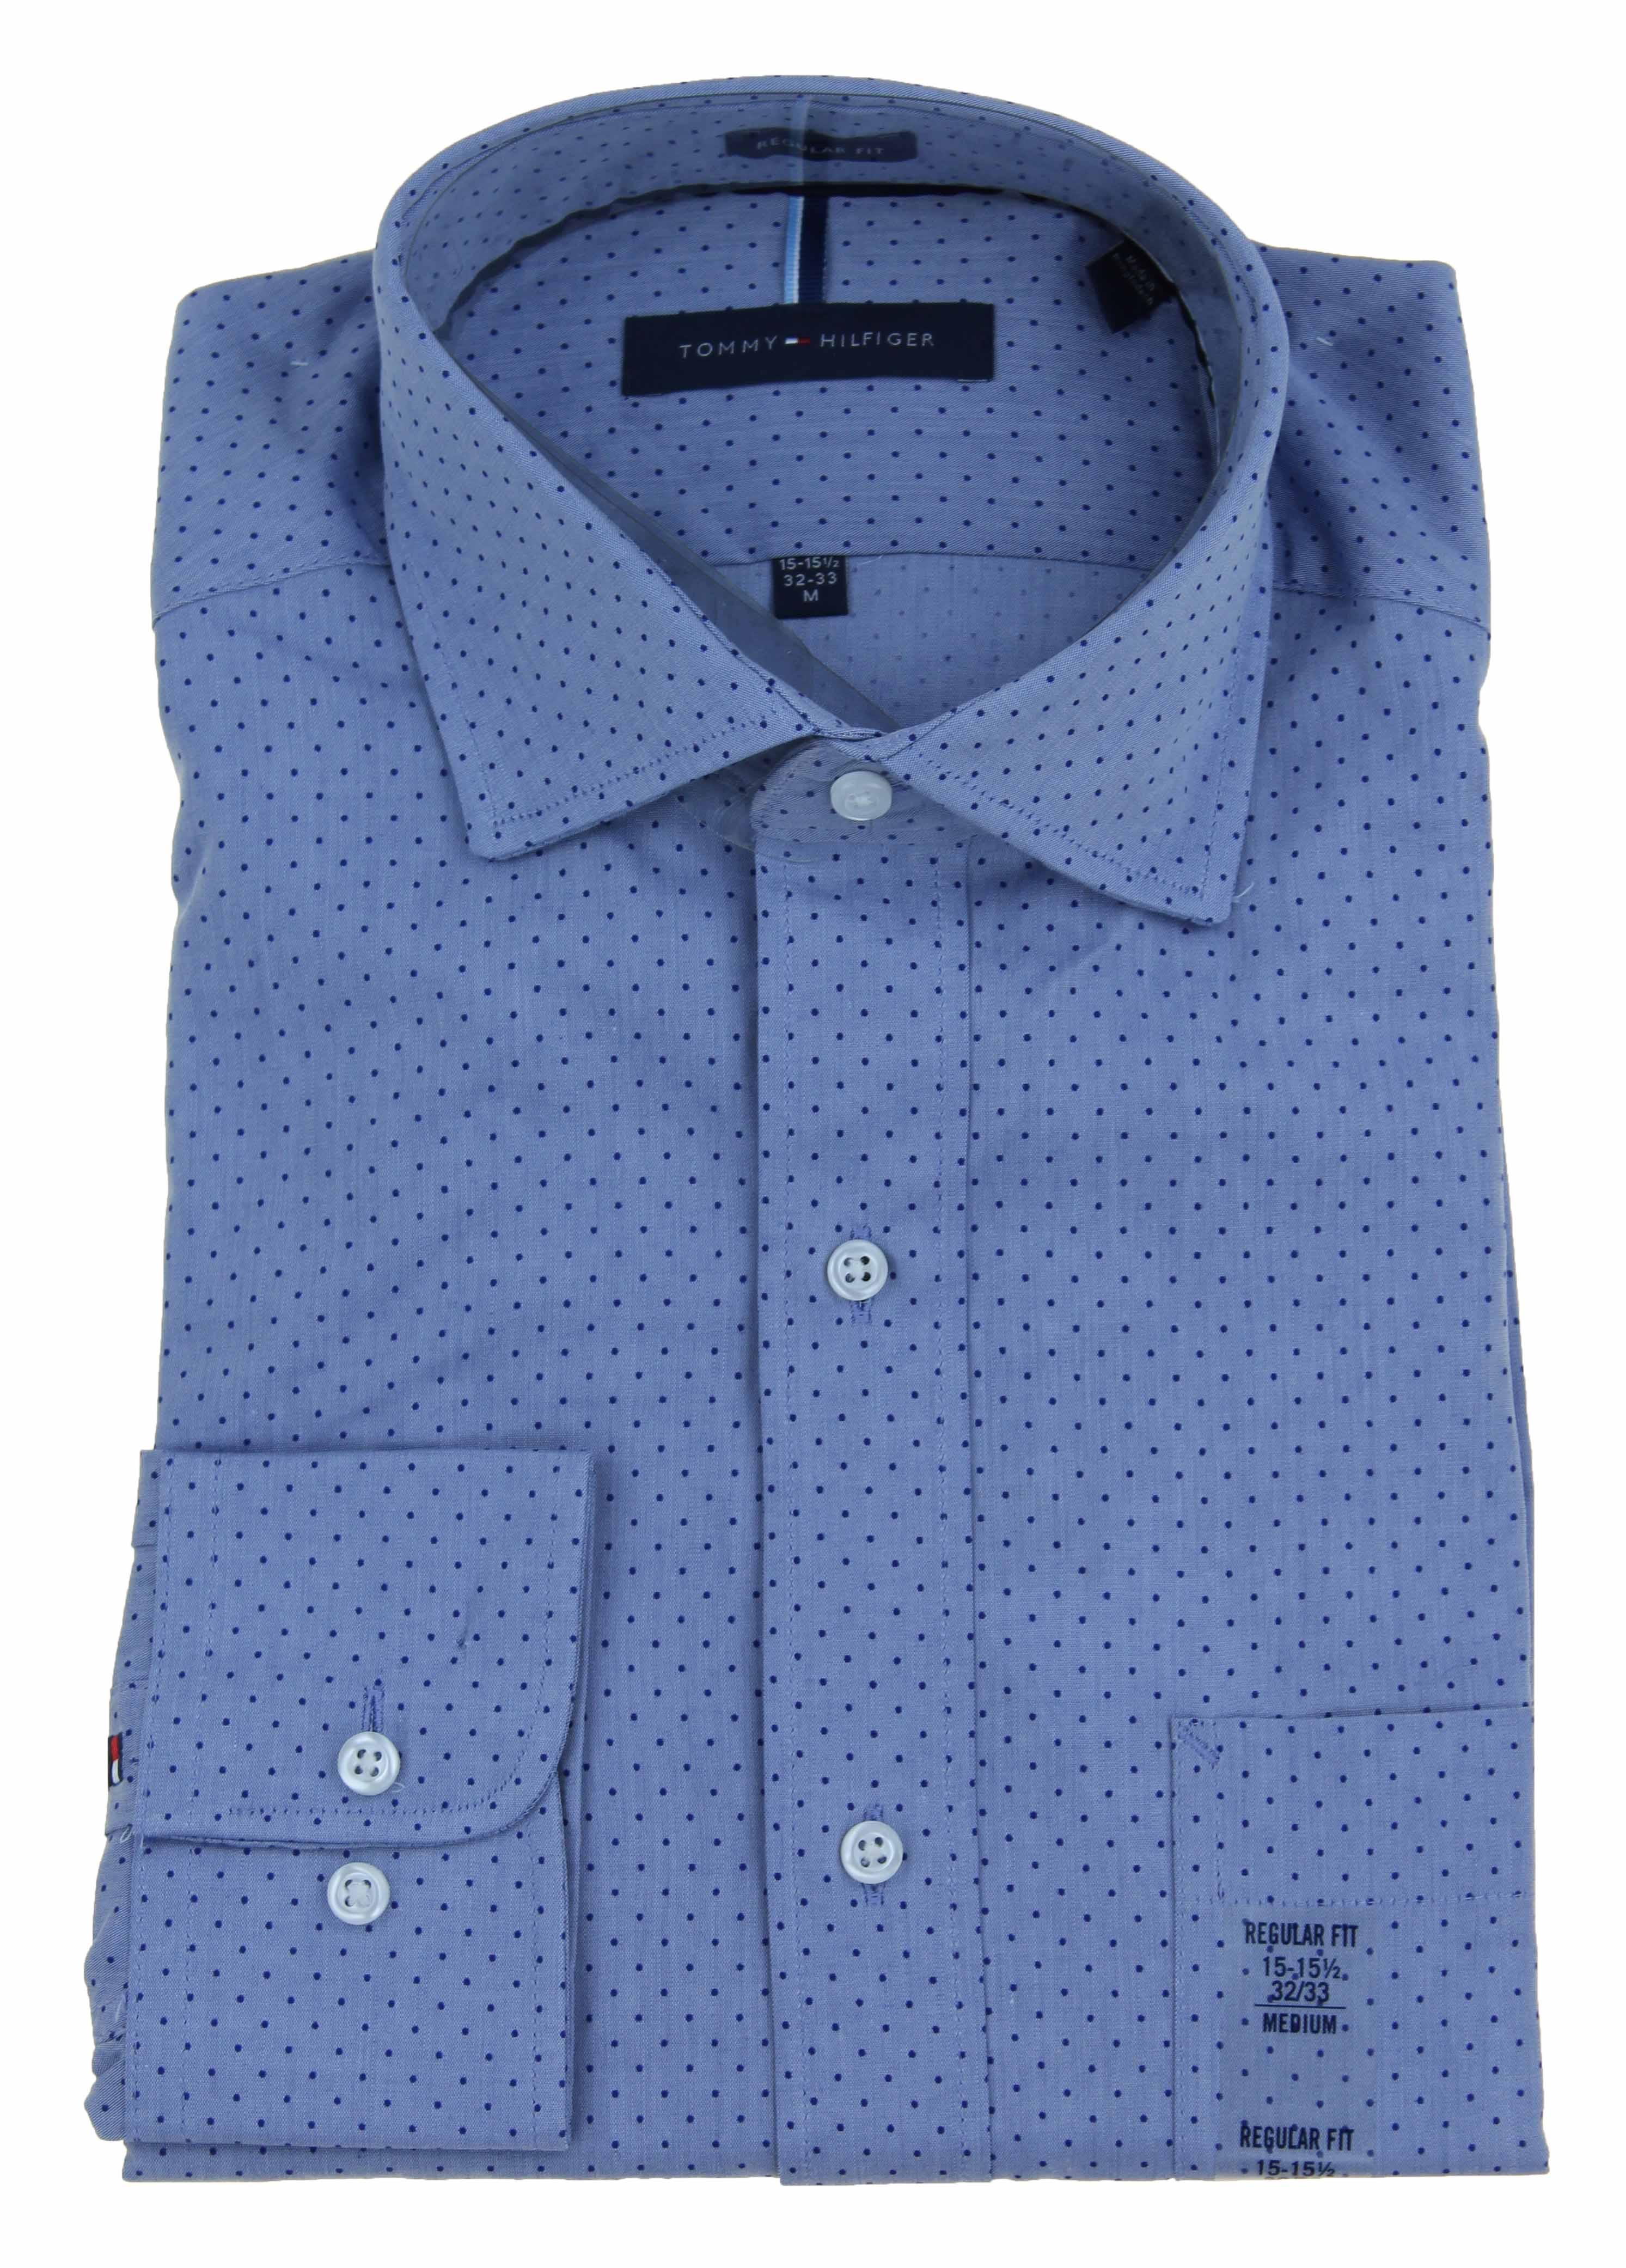 cb5d53ea53fc9 Tommy-Hilfiger-Mens-Indigo-Regular-Fit-Dress-Shirt thumbnail